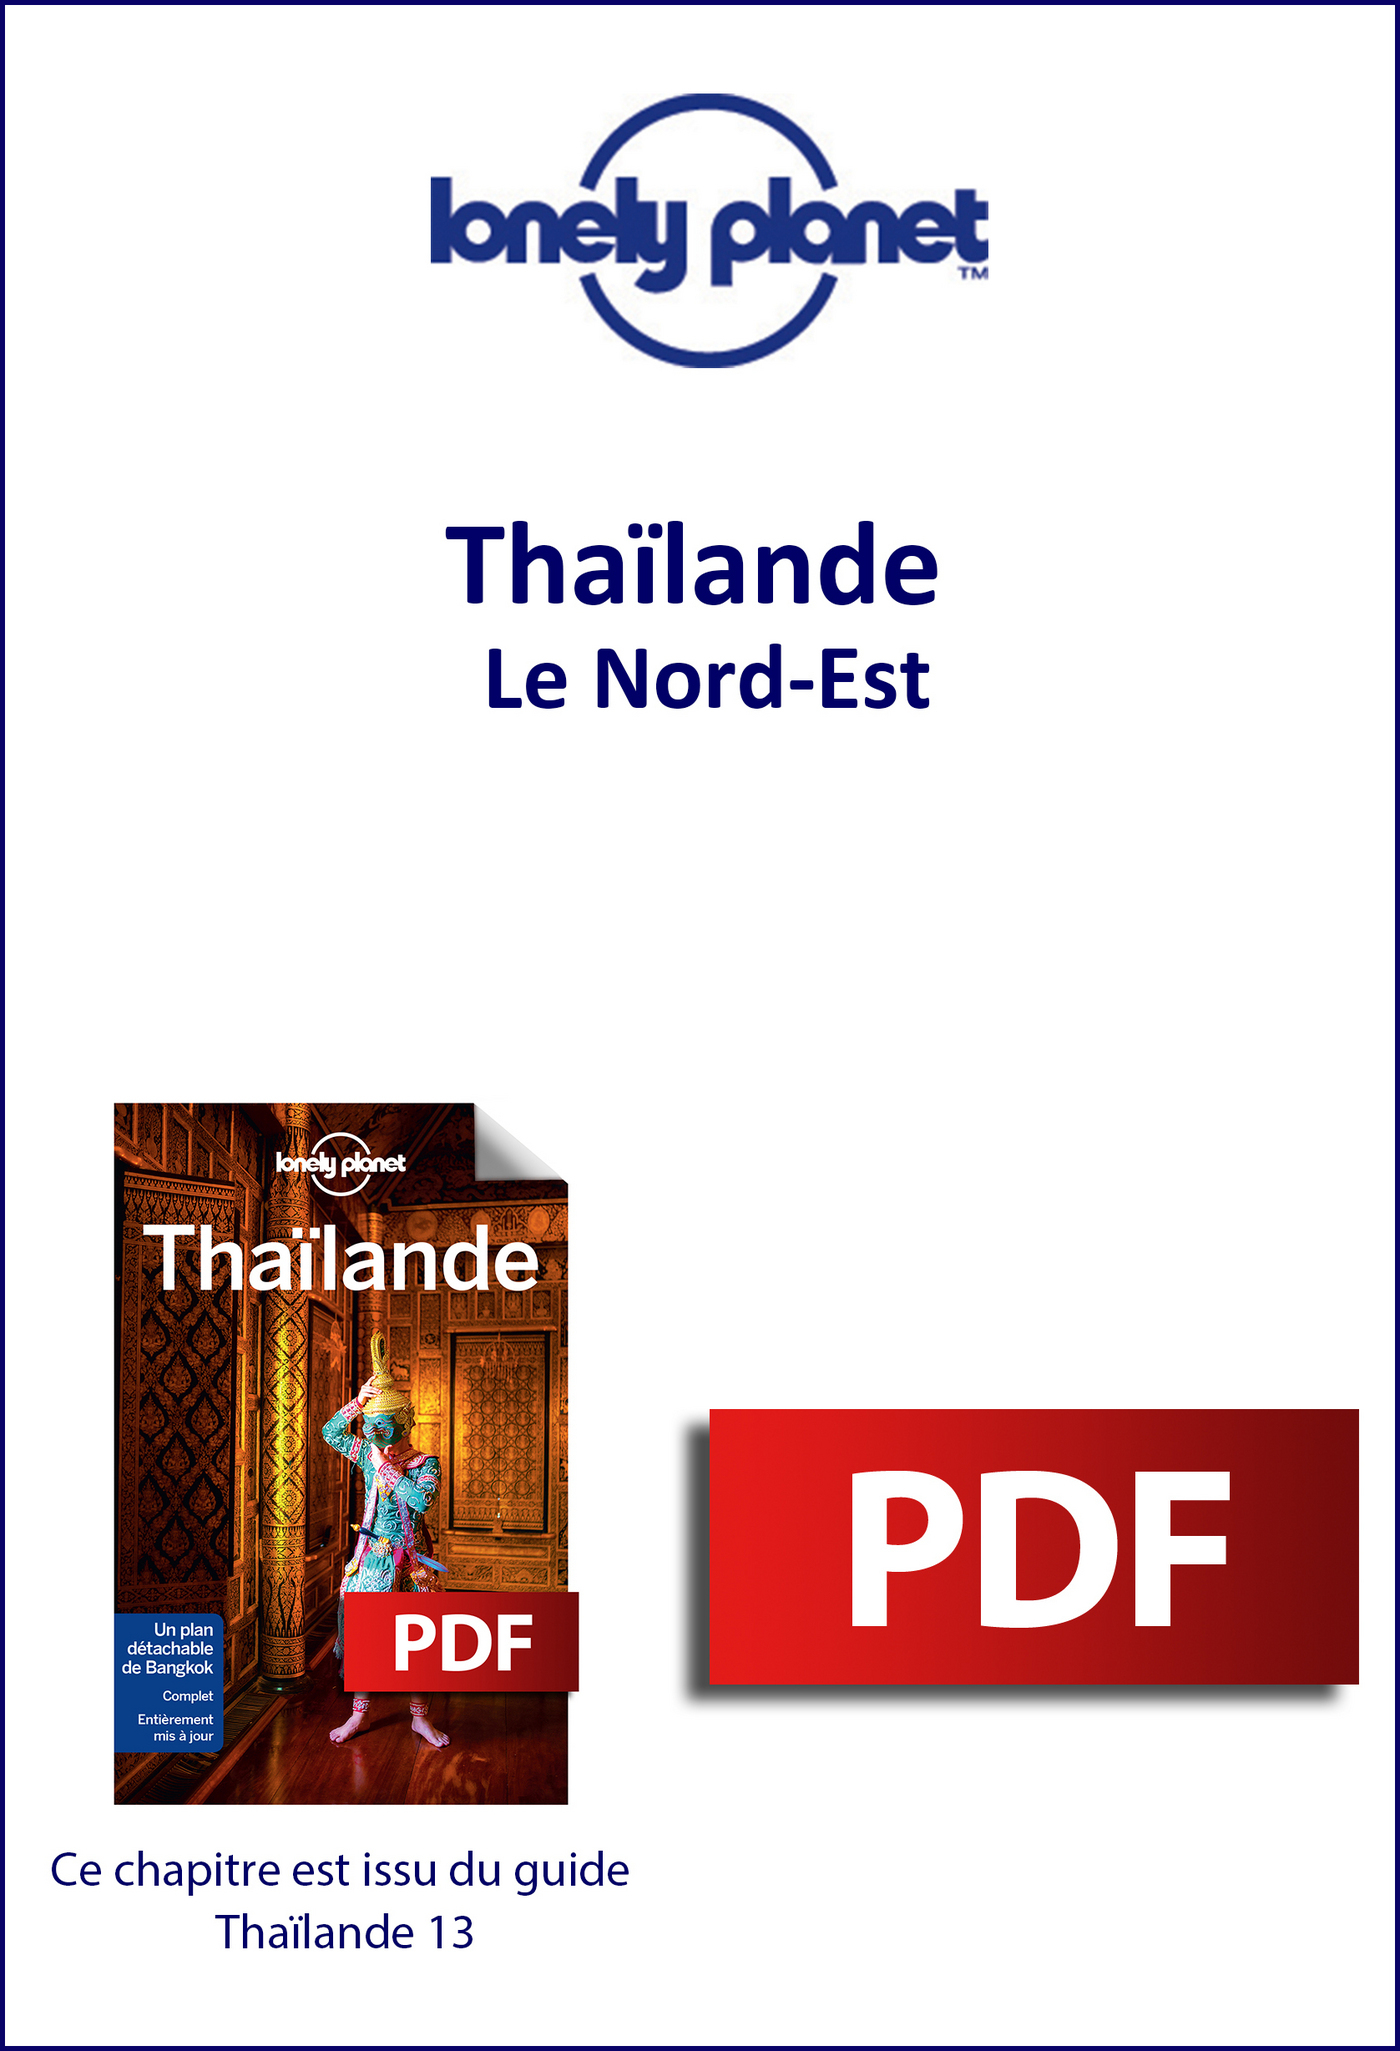 Thaïlande - Le Nord-Est